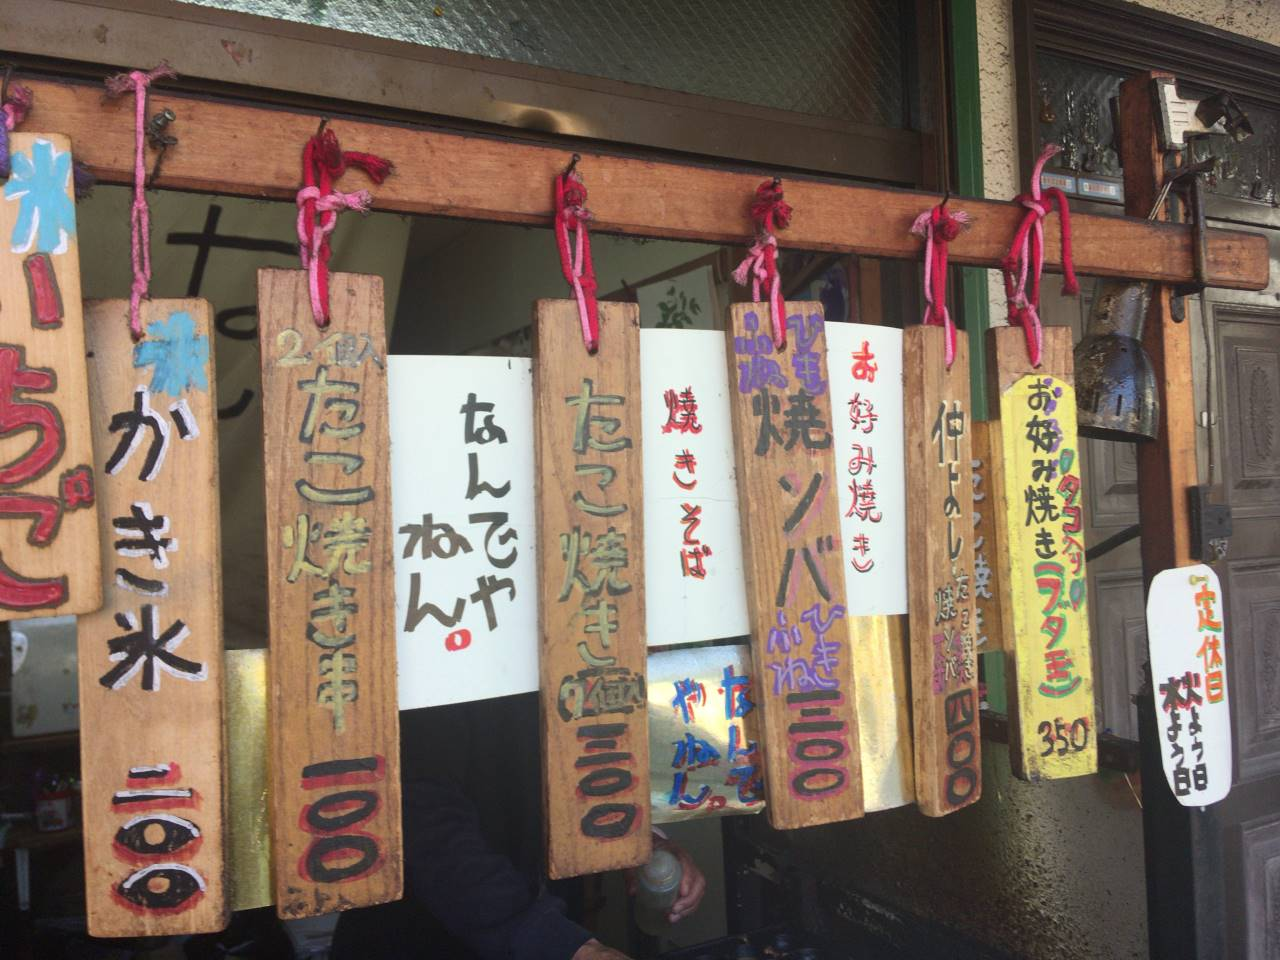 京成曳舟駅南側に位置する「たこ焼きなんでやねん」のメニュー